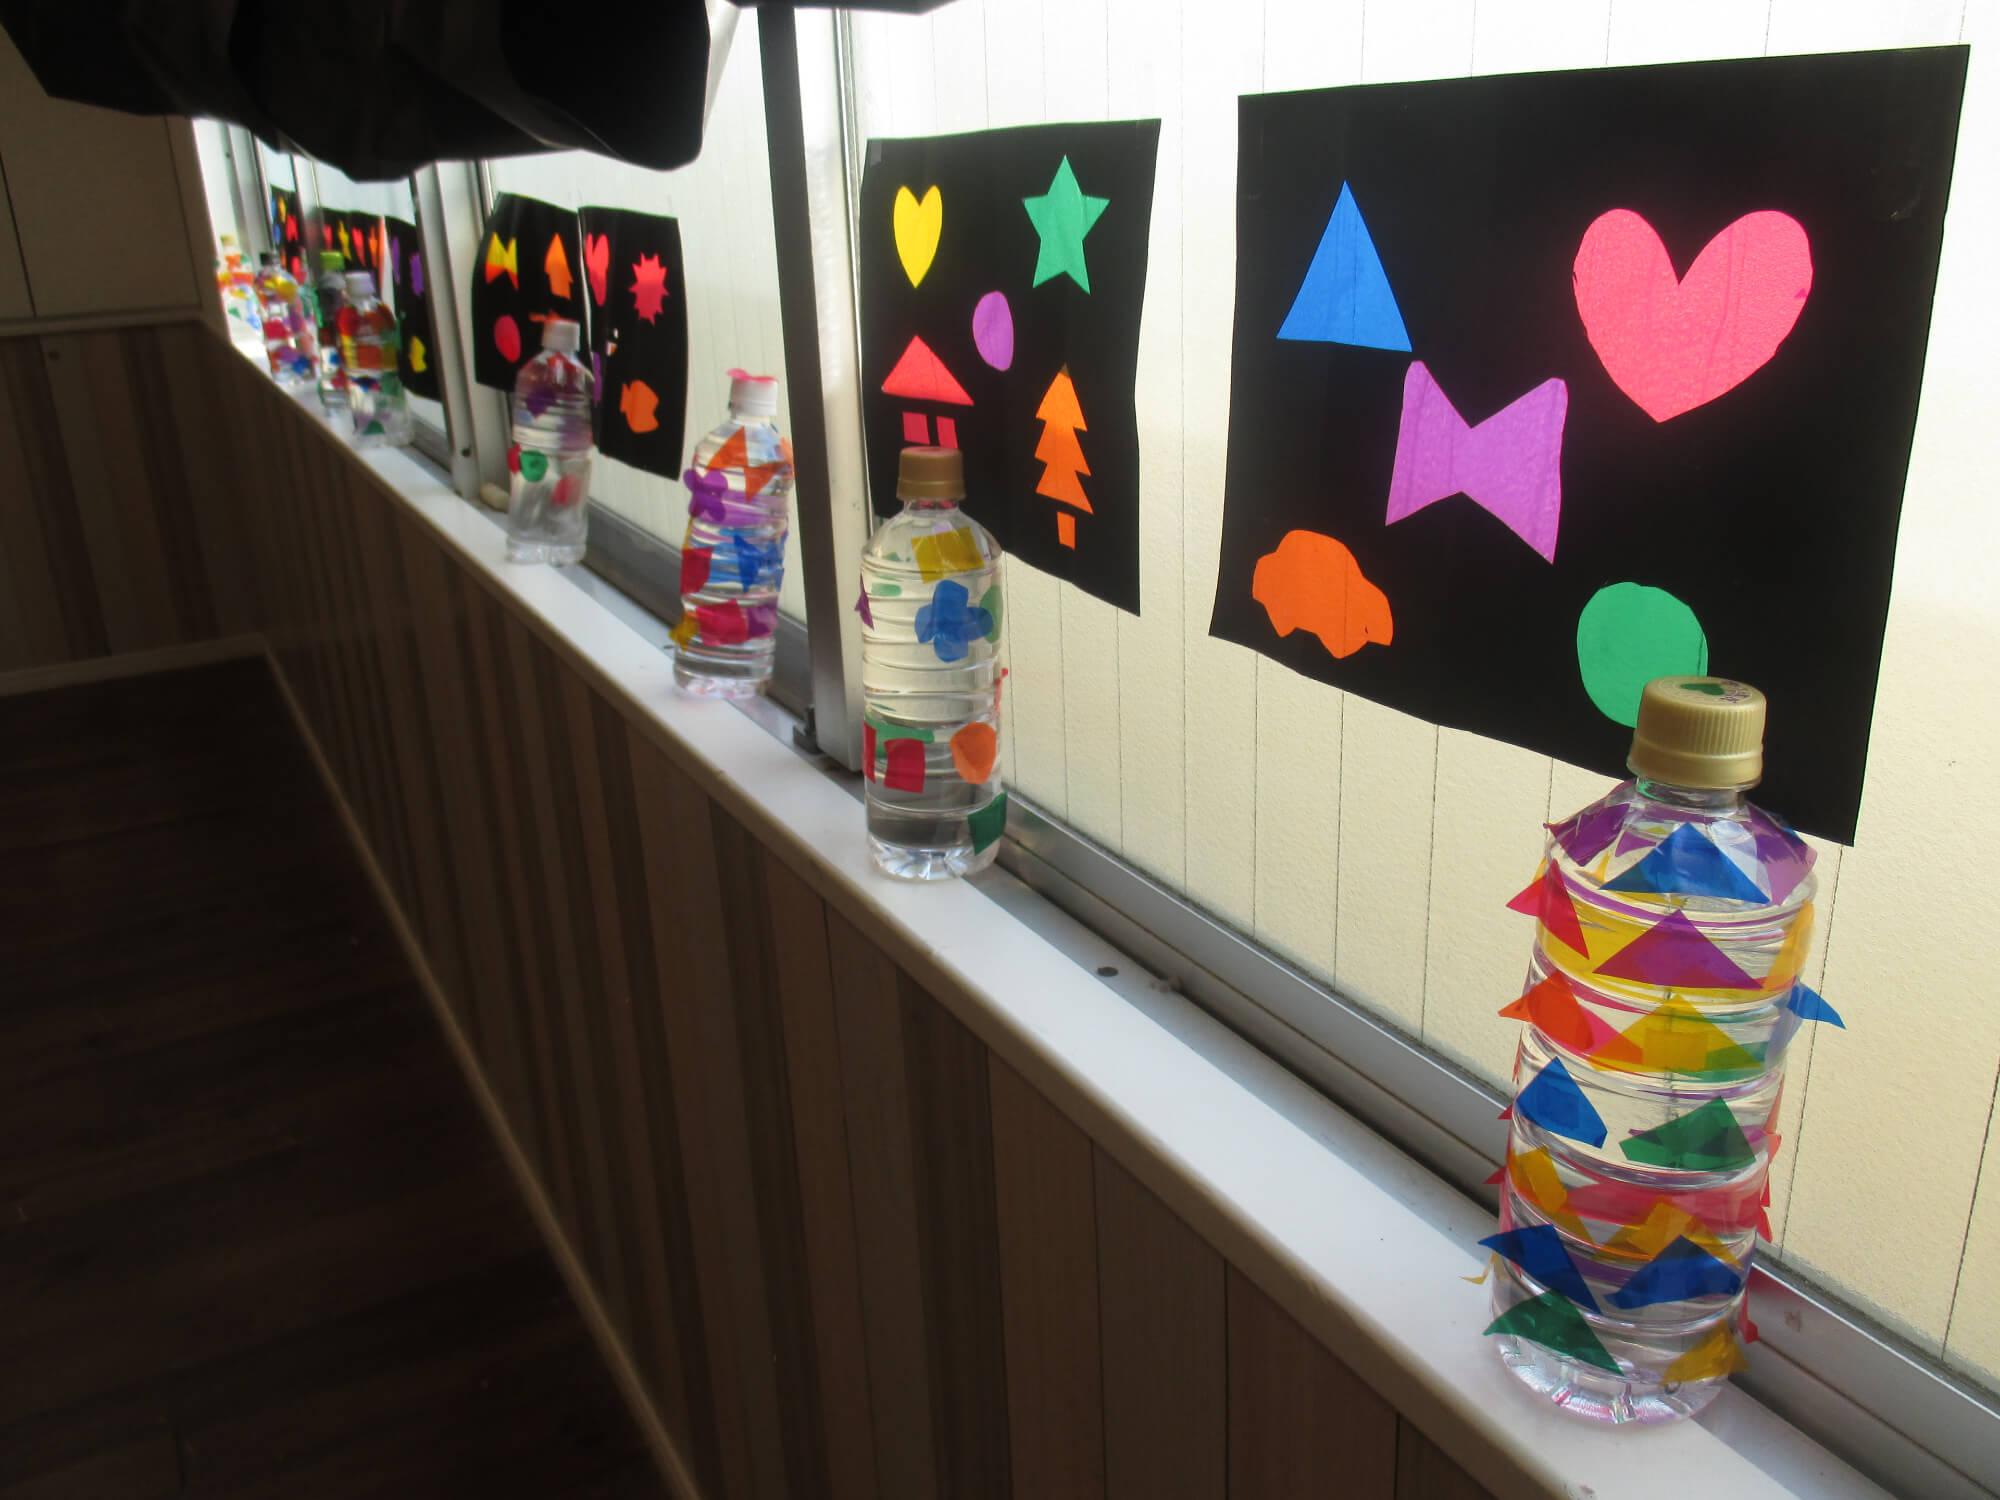 展示された子どもたちの作品